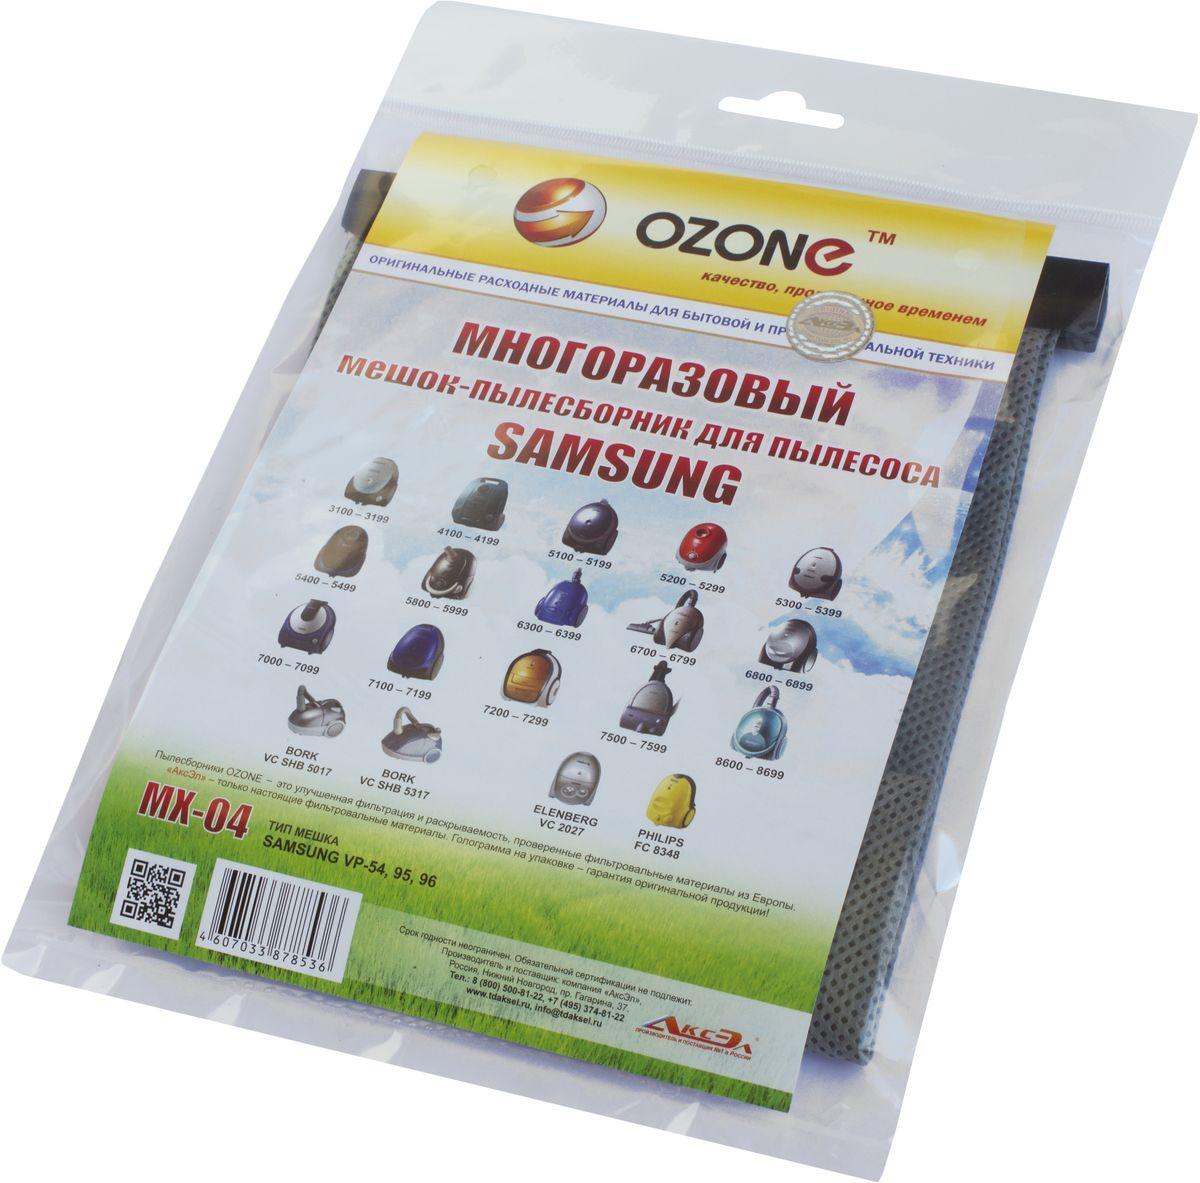 Ozone MX-04 пылесборник для пылесосов SamsungMX-04Многоразовый синтетический пылесборник Ozone microne multiplex MX-04 предназначен для бытового использования. Пылесборник Ozone соответствуют высоким стандартам качества. Благодаря использованию специального четырехслойного синтетического материала, пылесборник Ozone microne multiplex MX-04 обладает высочайшей степенью фильтрации и повышенной прочностью. Серия micron задерживает мельчайшие частицы пыли и пыльцы. Ozone microne multiplex MX-04 выдерживает нагрузку до 30кг., а так же выполняется 100% заполняемость мешка.